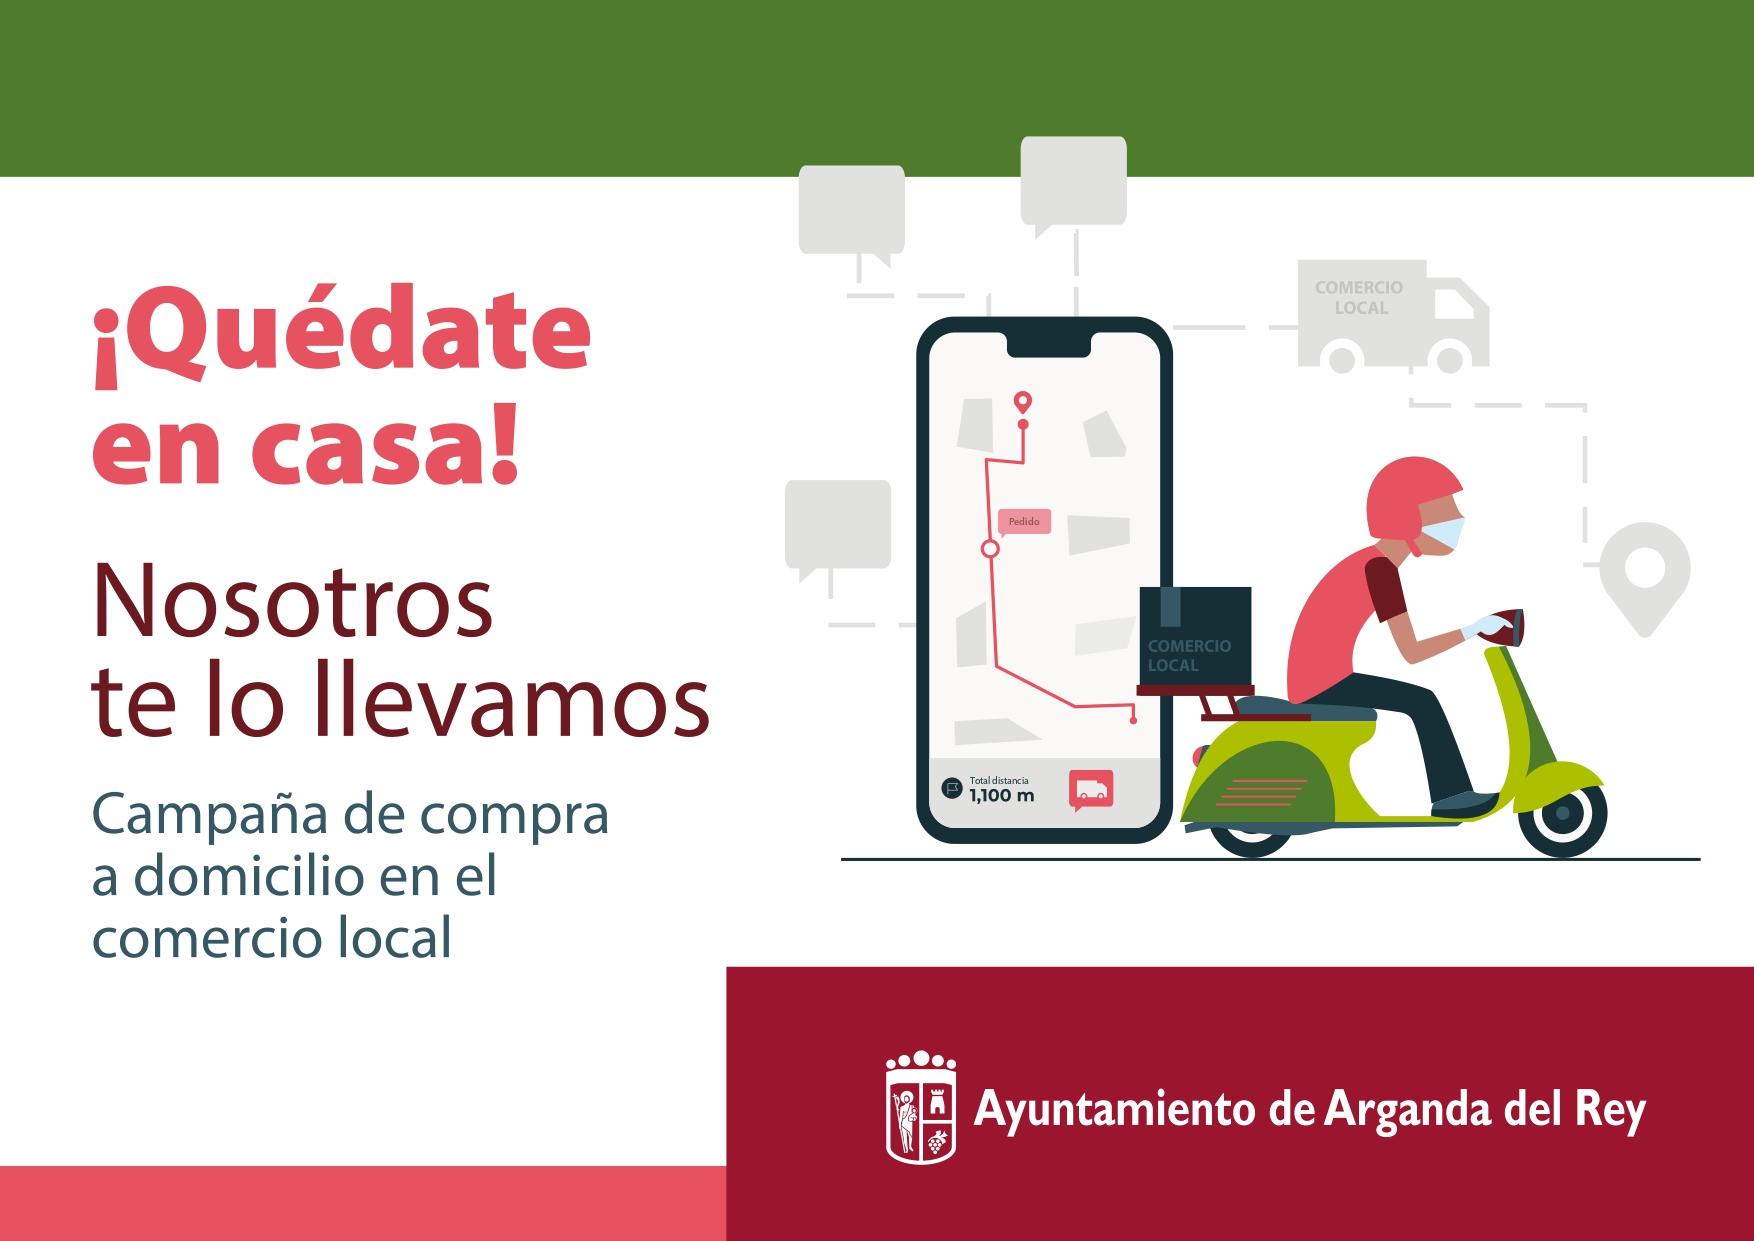 El Ayuntamiento de Arganda realiza un listado de empresas con servicio a domicilio